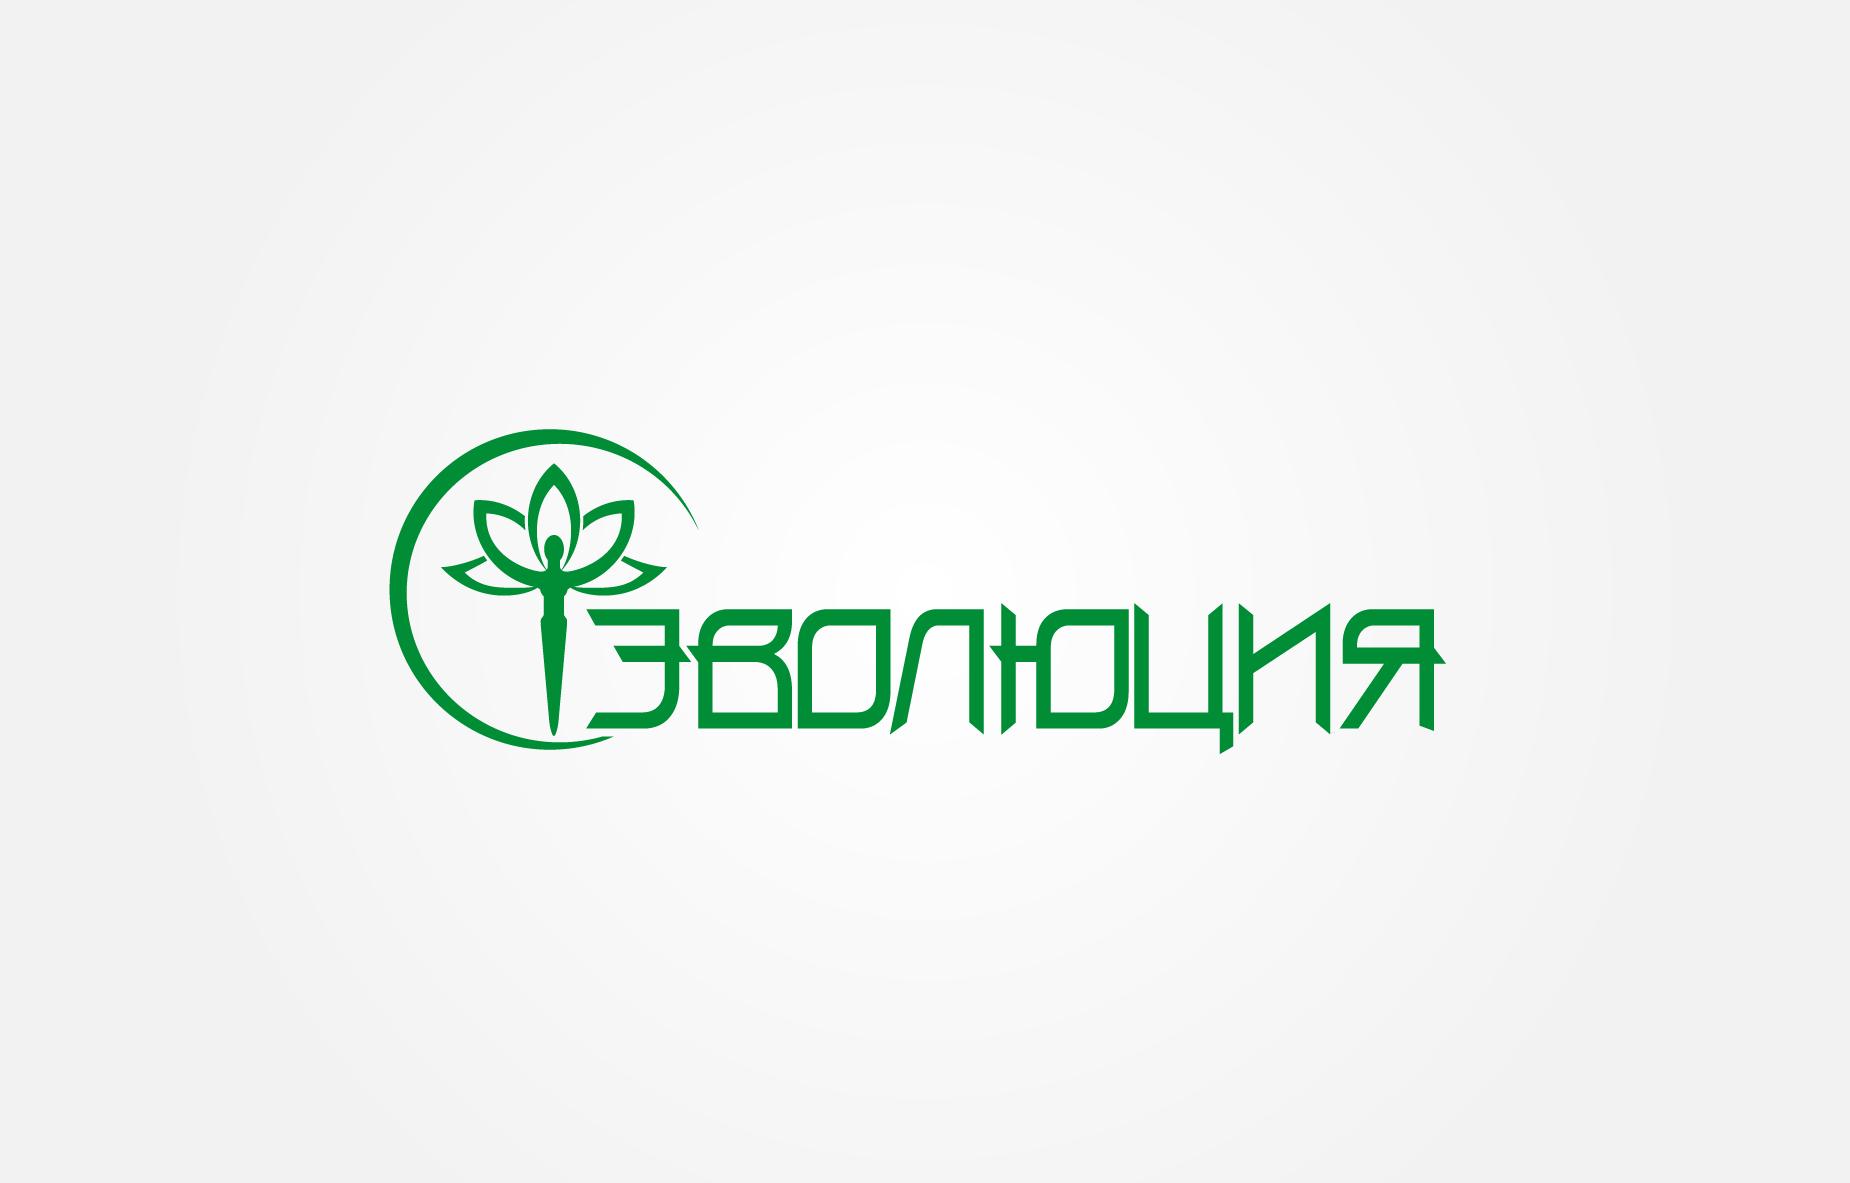 Разработать логотип для Онлайн-школы и сообщества фото f_7025bc4426738426.png